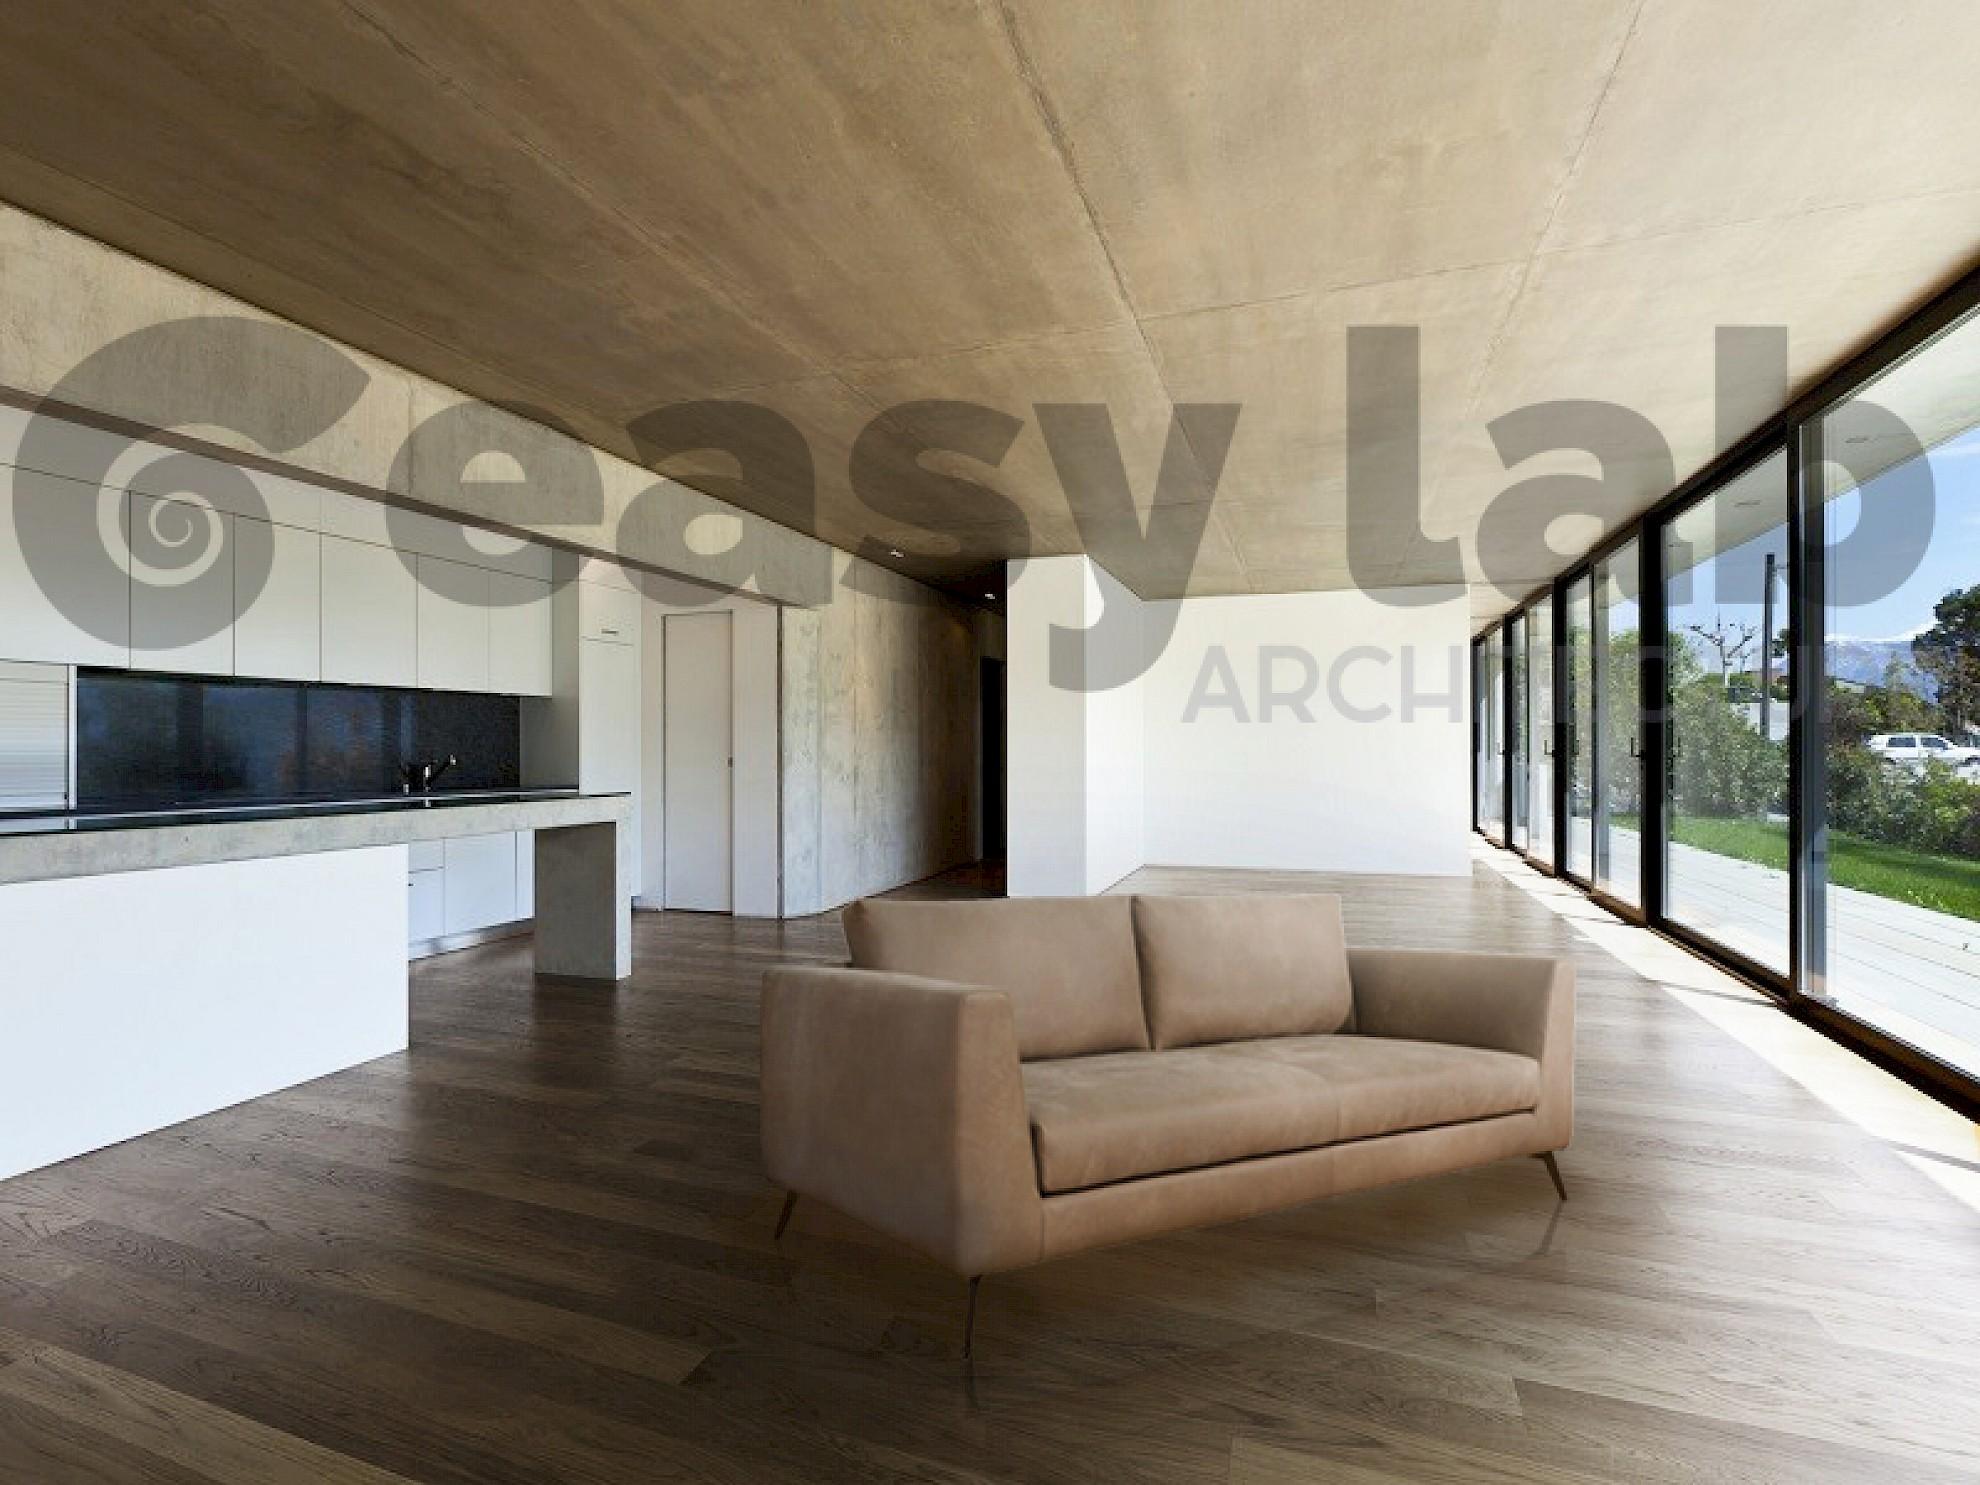 Fotoinserimento in ambiente di divano creazione venice for Bergamin arredamenti mestre